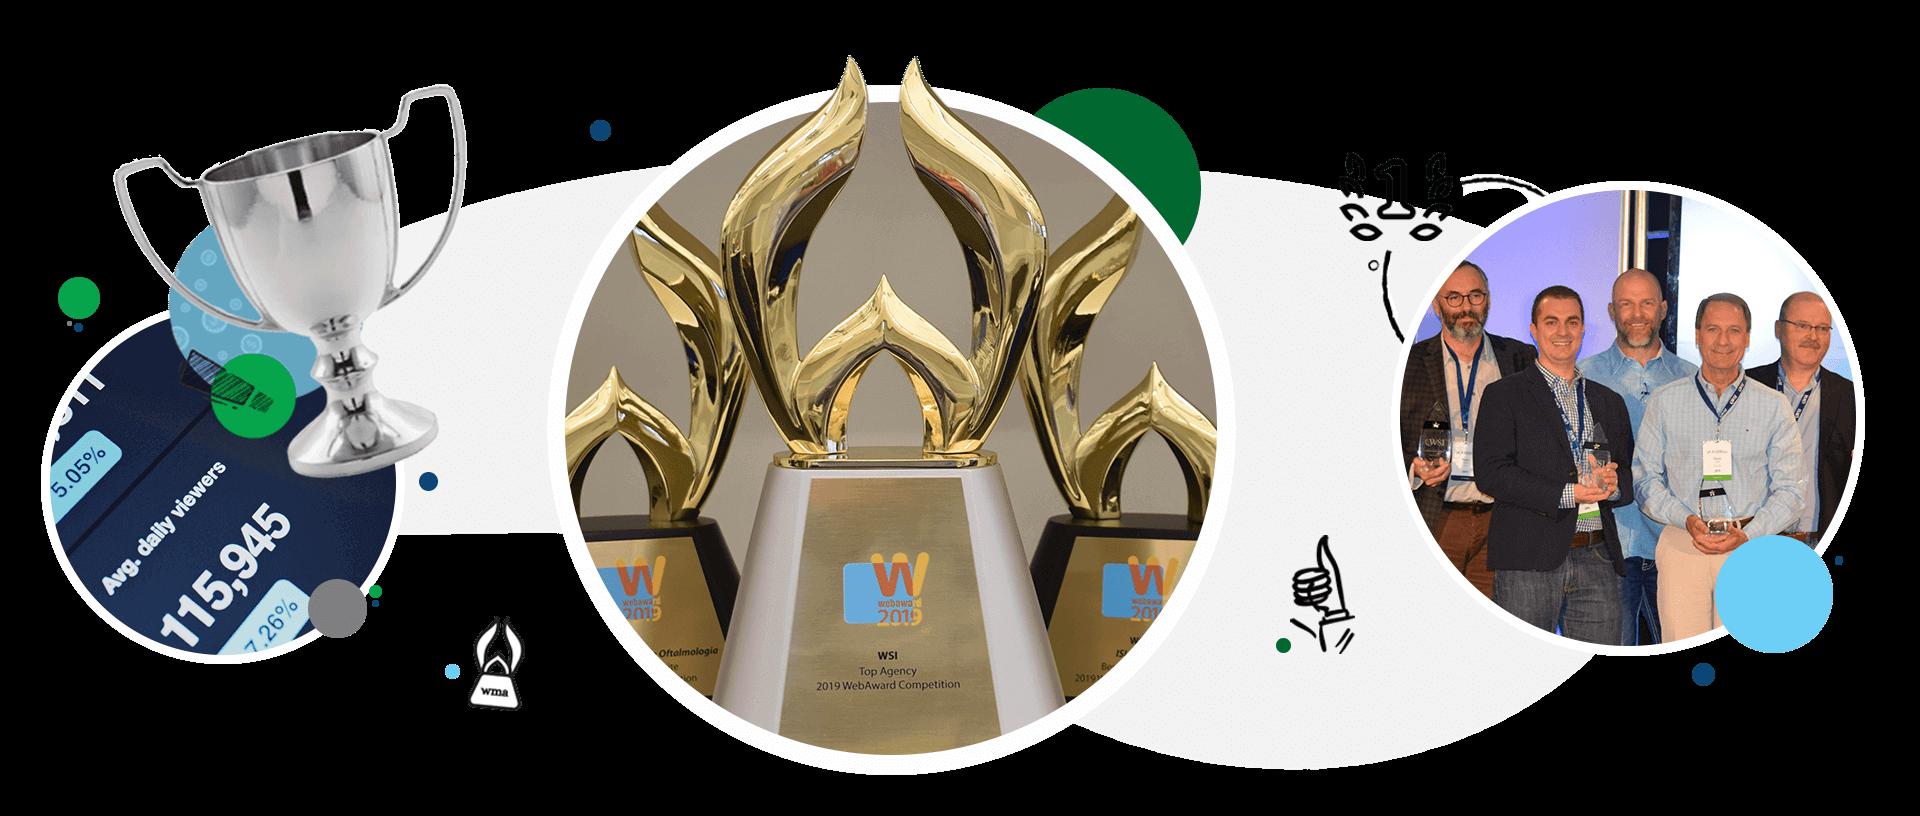 WSI-Awards